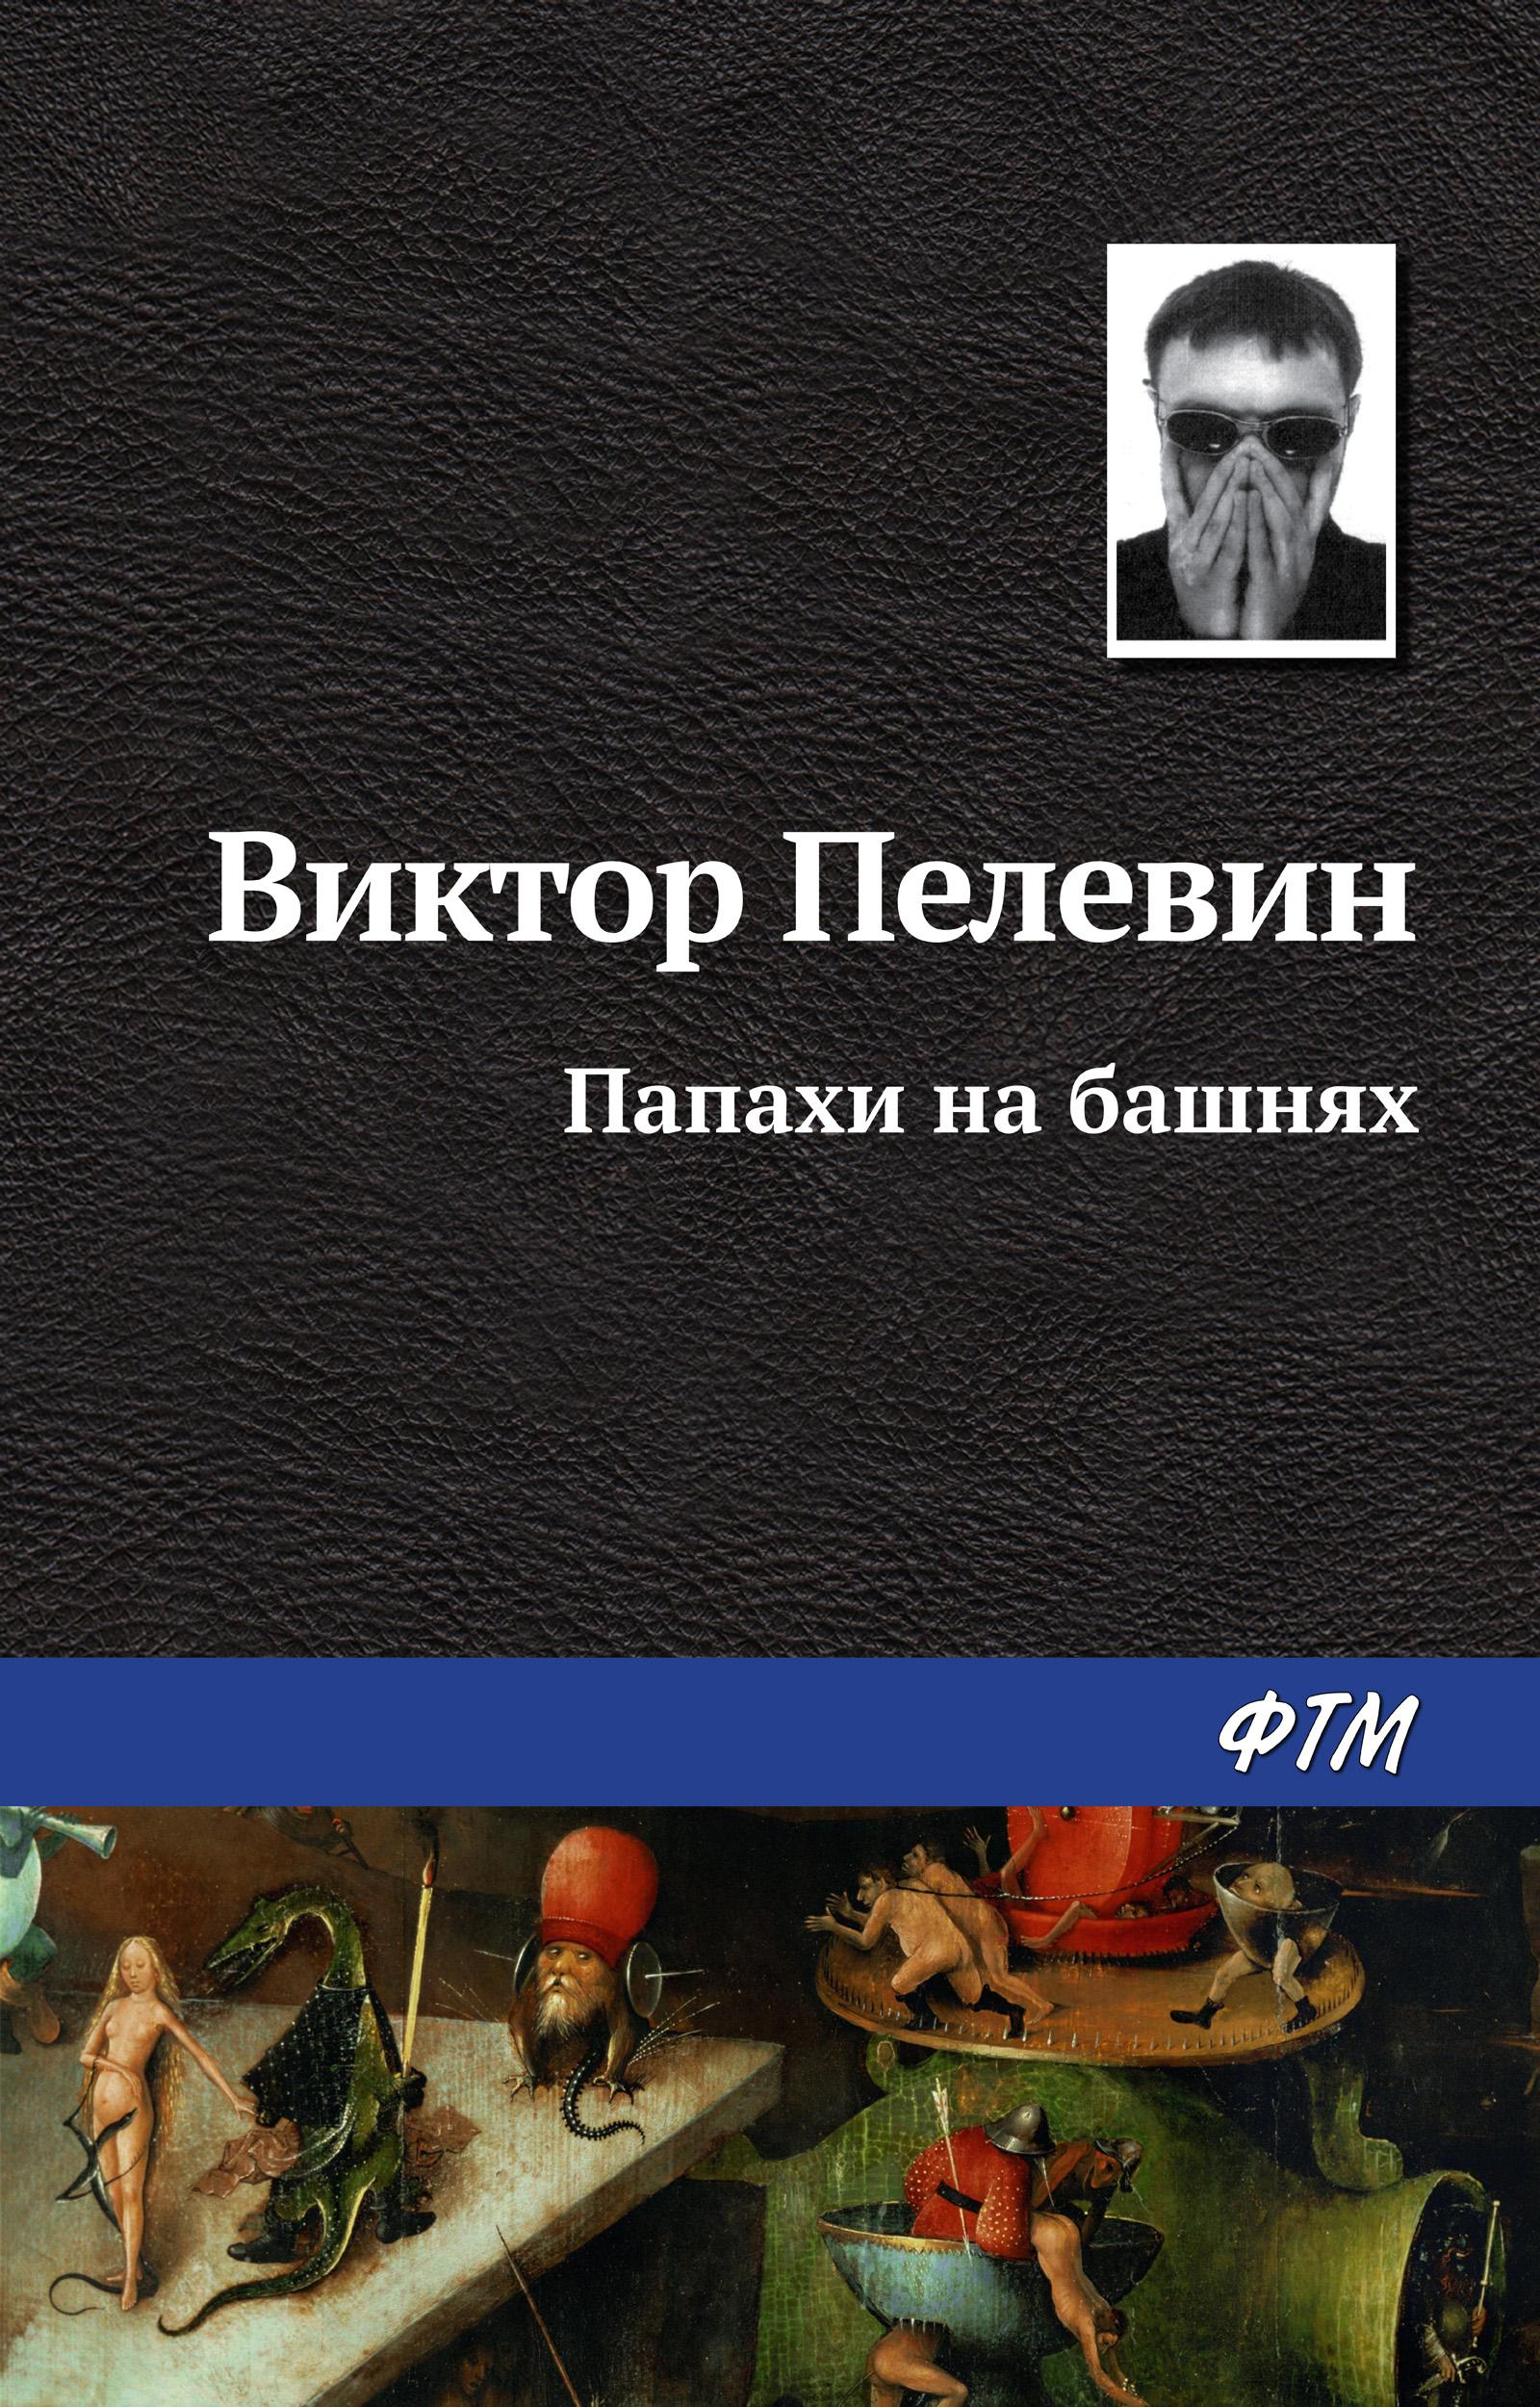 Виктор Пелевин Папахи на башнях виктор пелевин икстлан – петушки